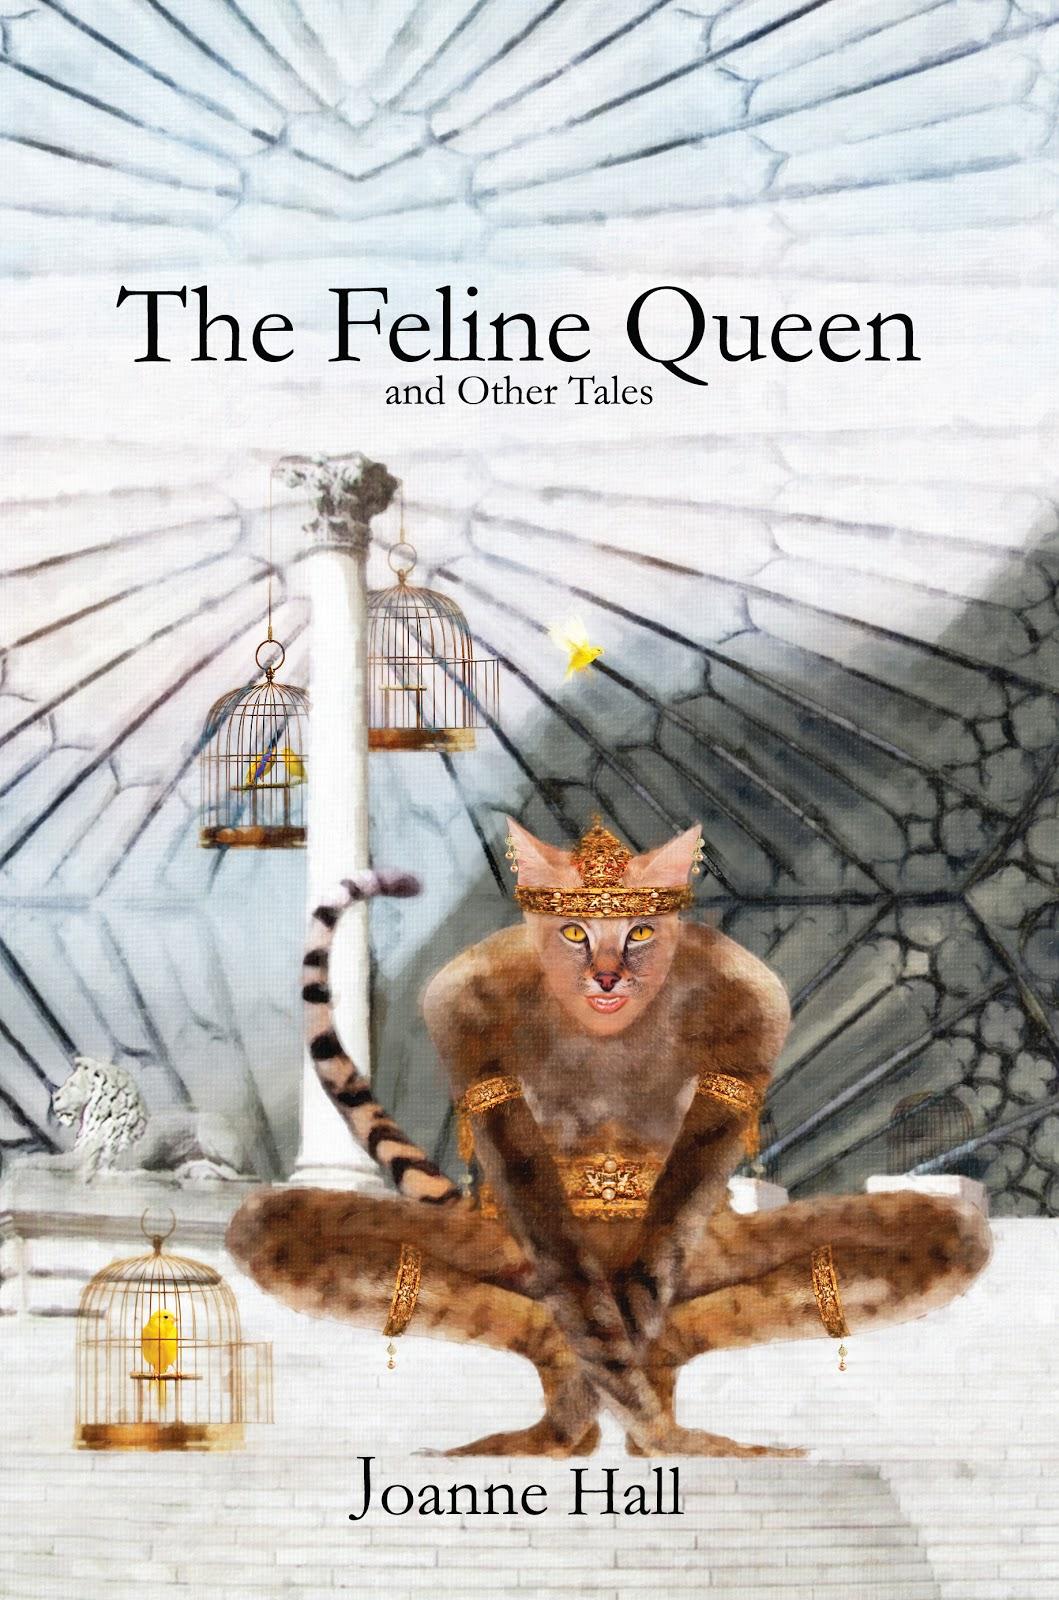 http://2.bp.blogspot.com/-fVt_aOTuekM/Te4mormRXSI/AAAAAAAAAP0/VtN2LCWt7BI/s1600/feline+queen+frontt+cover2.jpg